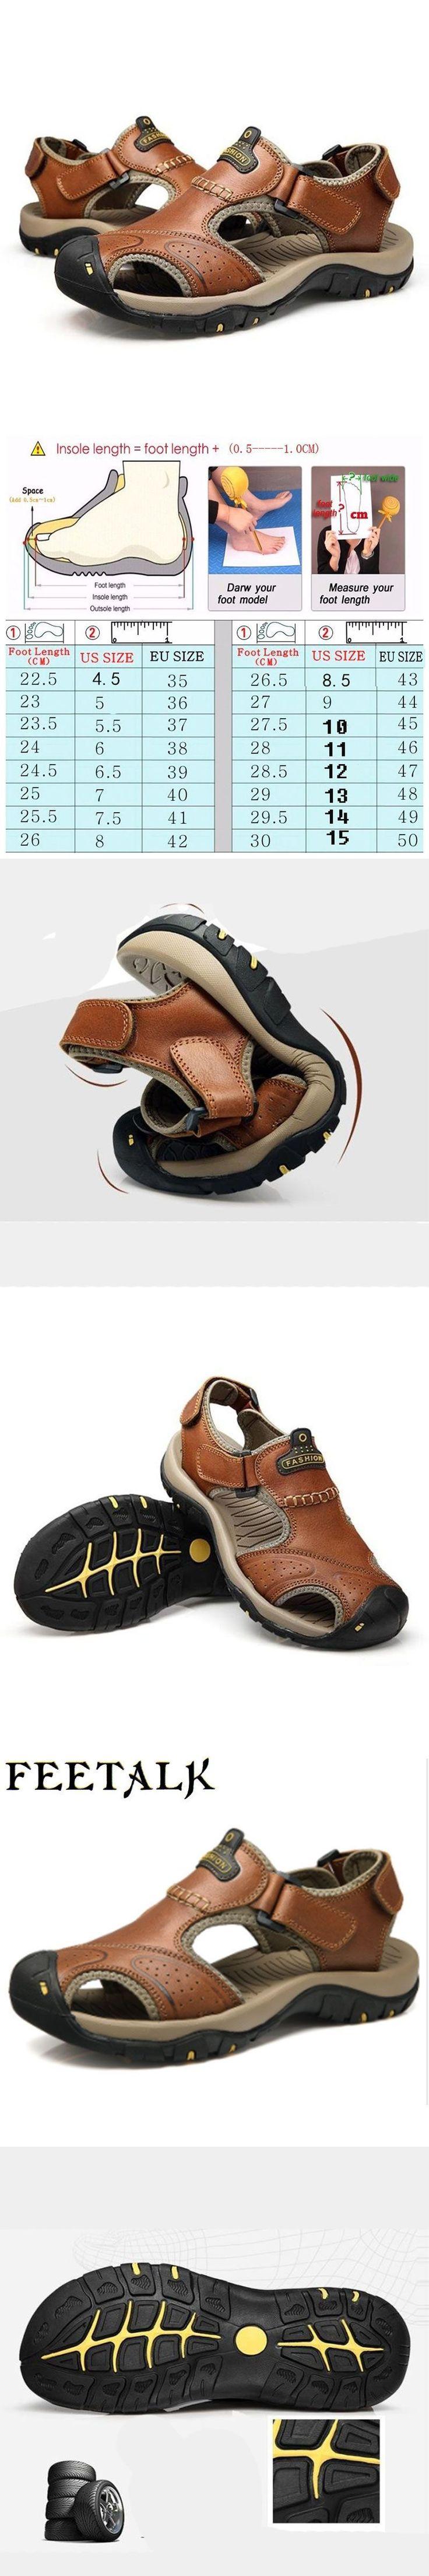 feetalk Mens Summer Sports Outdoor Trekking Hiking Sandals Shoes For Men Sport Climbing Mountain Shoes Man Sandals #climbingshoes #menssandals